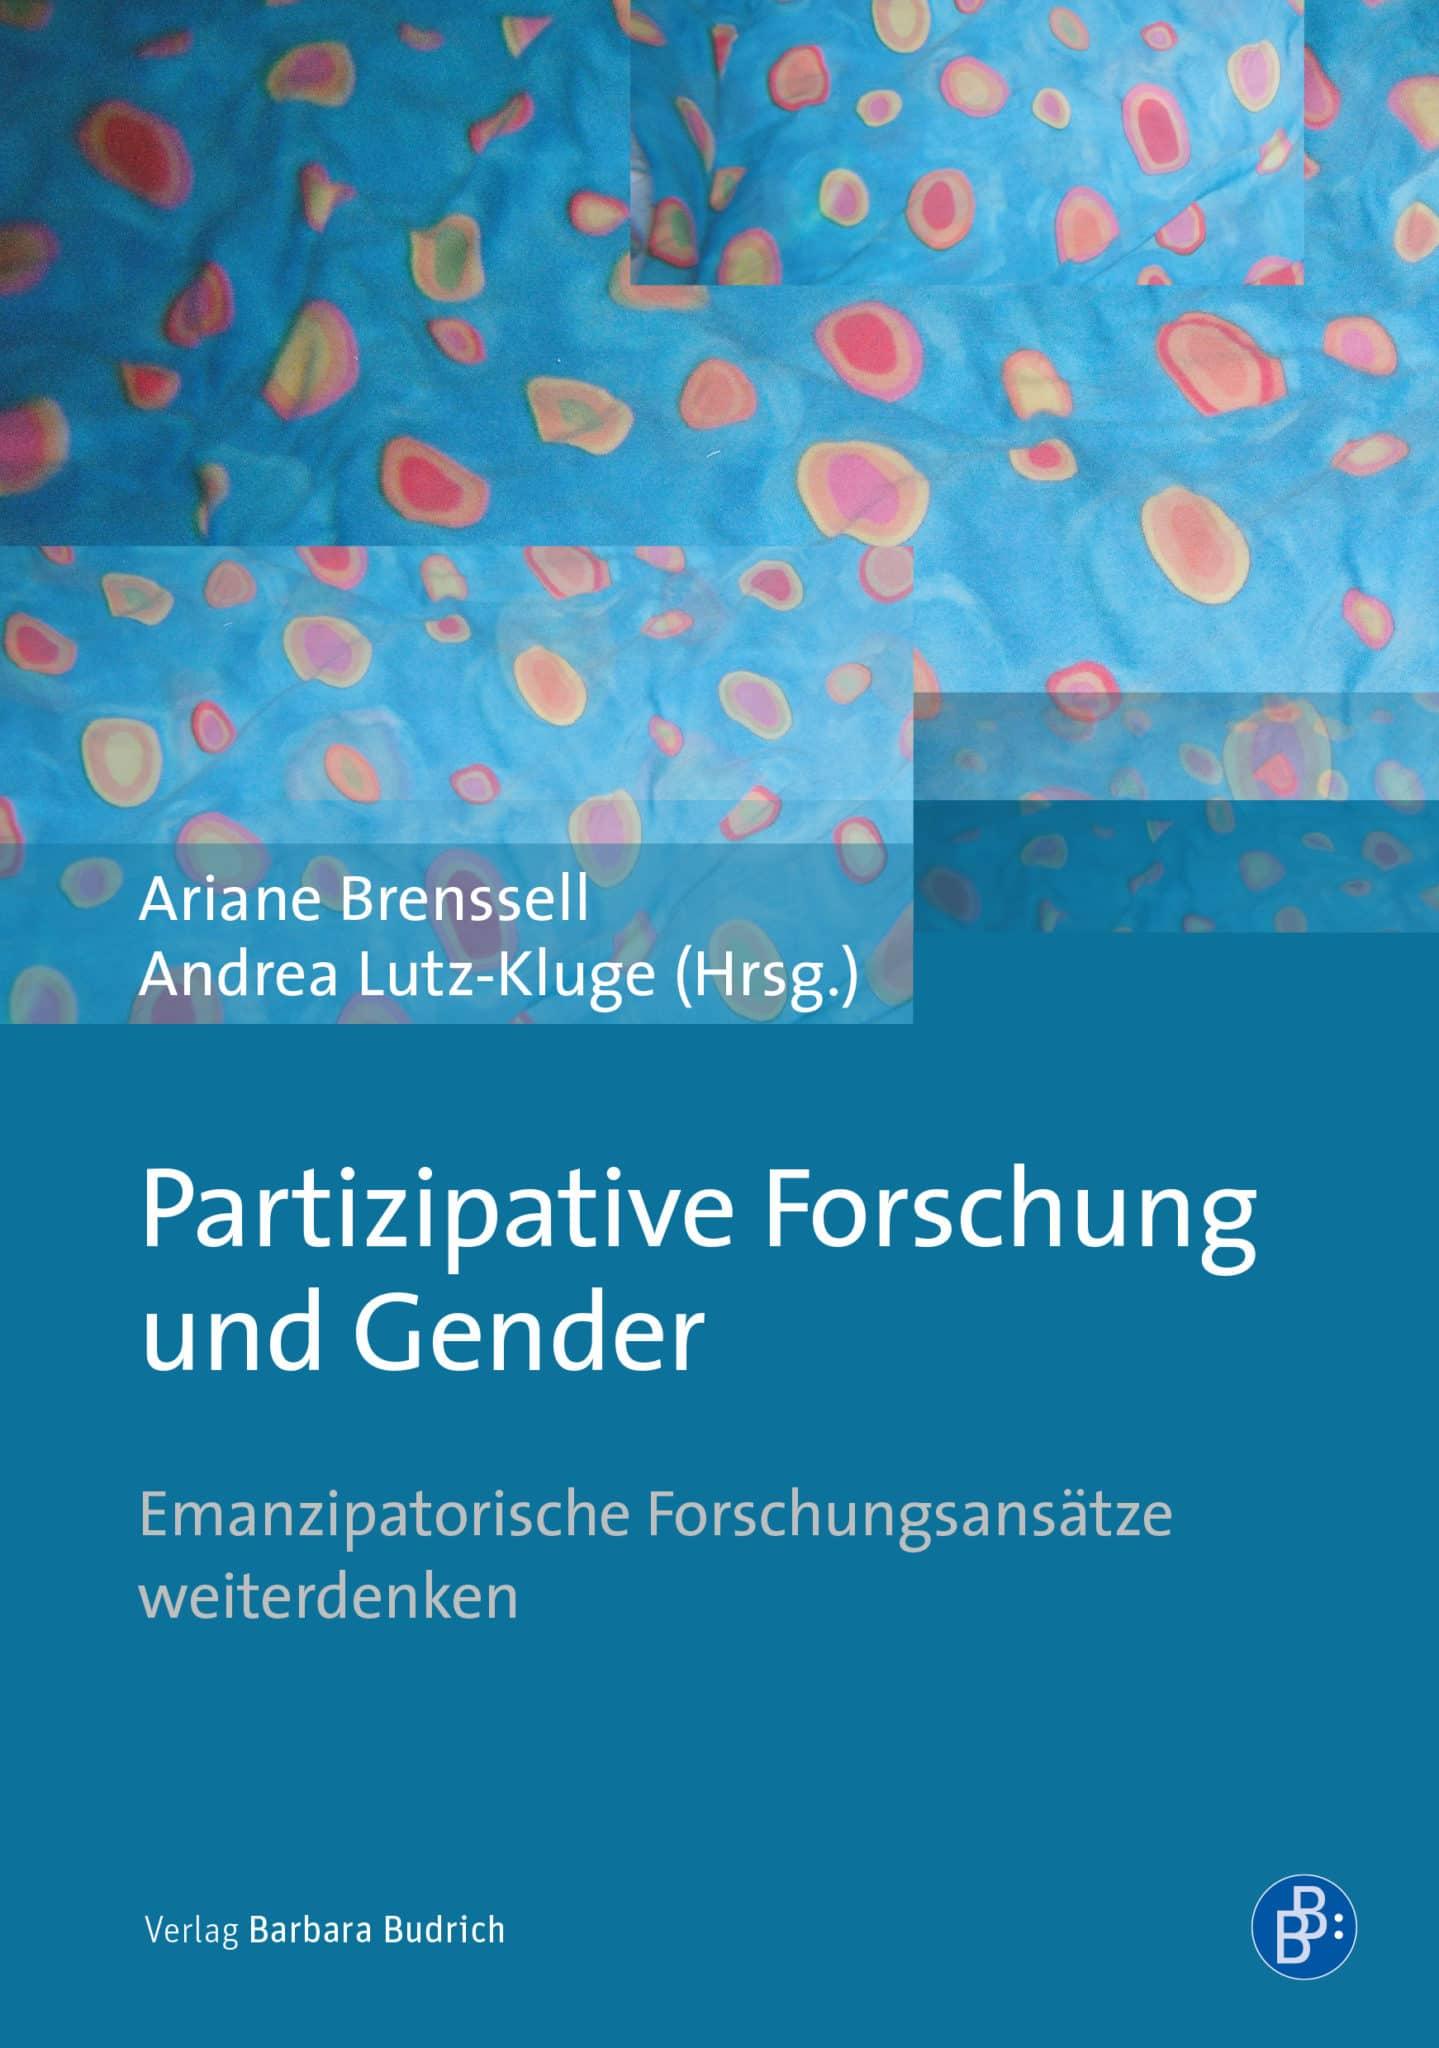 Partizipative Forschung und Gender